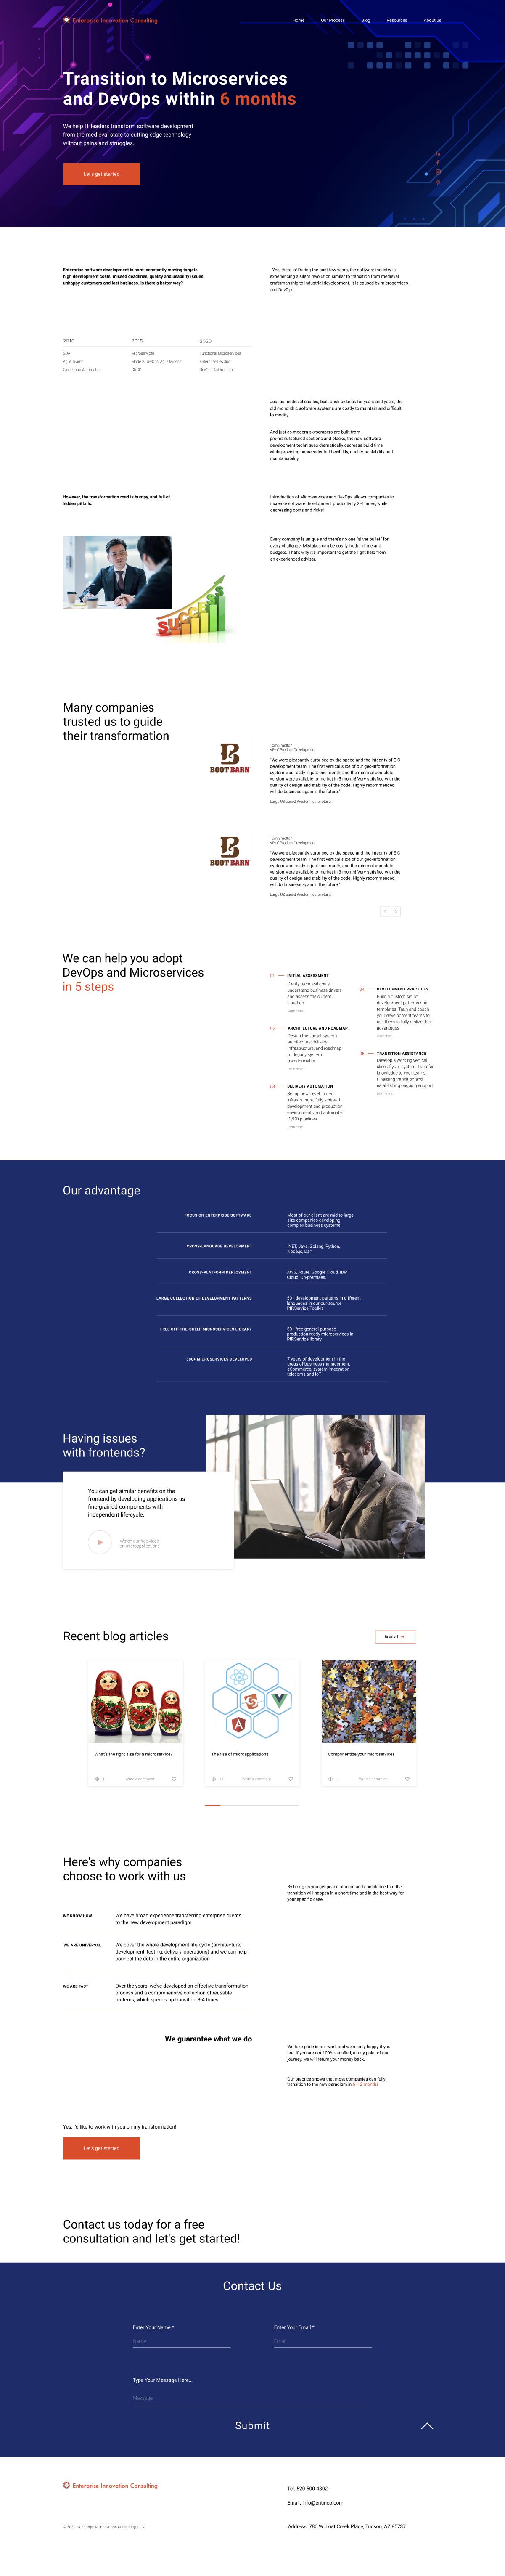 Дизайн сайта для консалтинговой компании в сфере ИТ. фото f_0005ec98167daef1.jpg